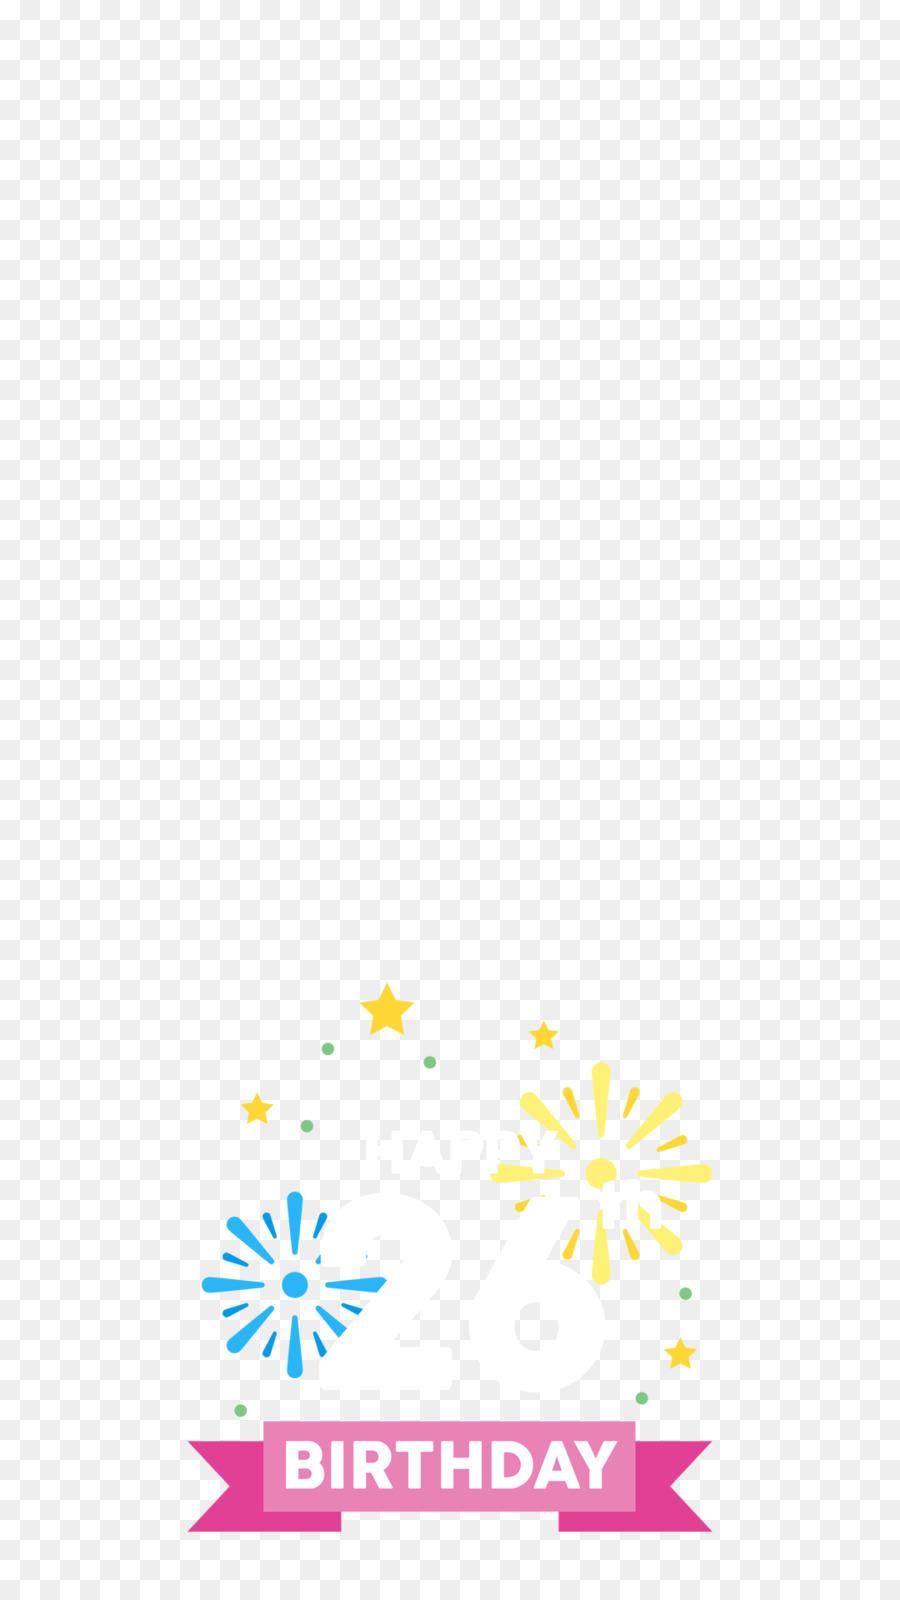 Herzlichen Glückwunsch Zum Geburtstag Party Jubiläum Filter